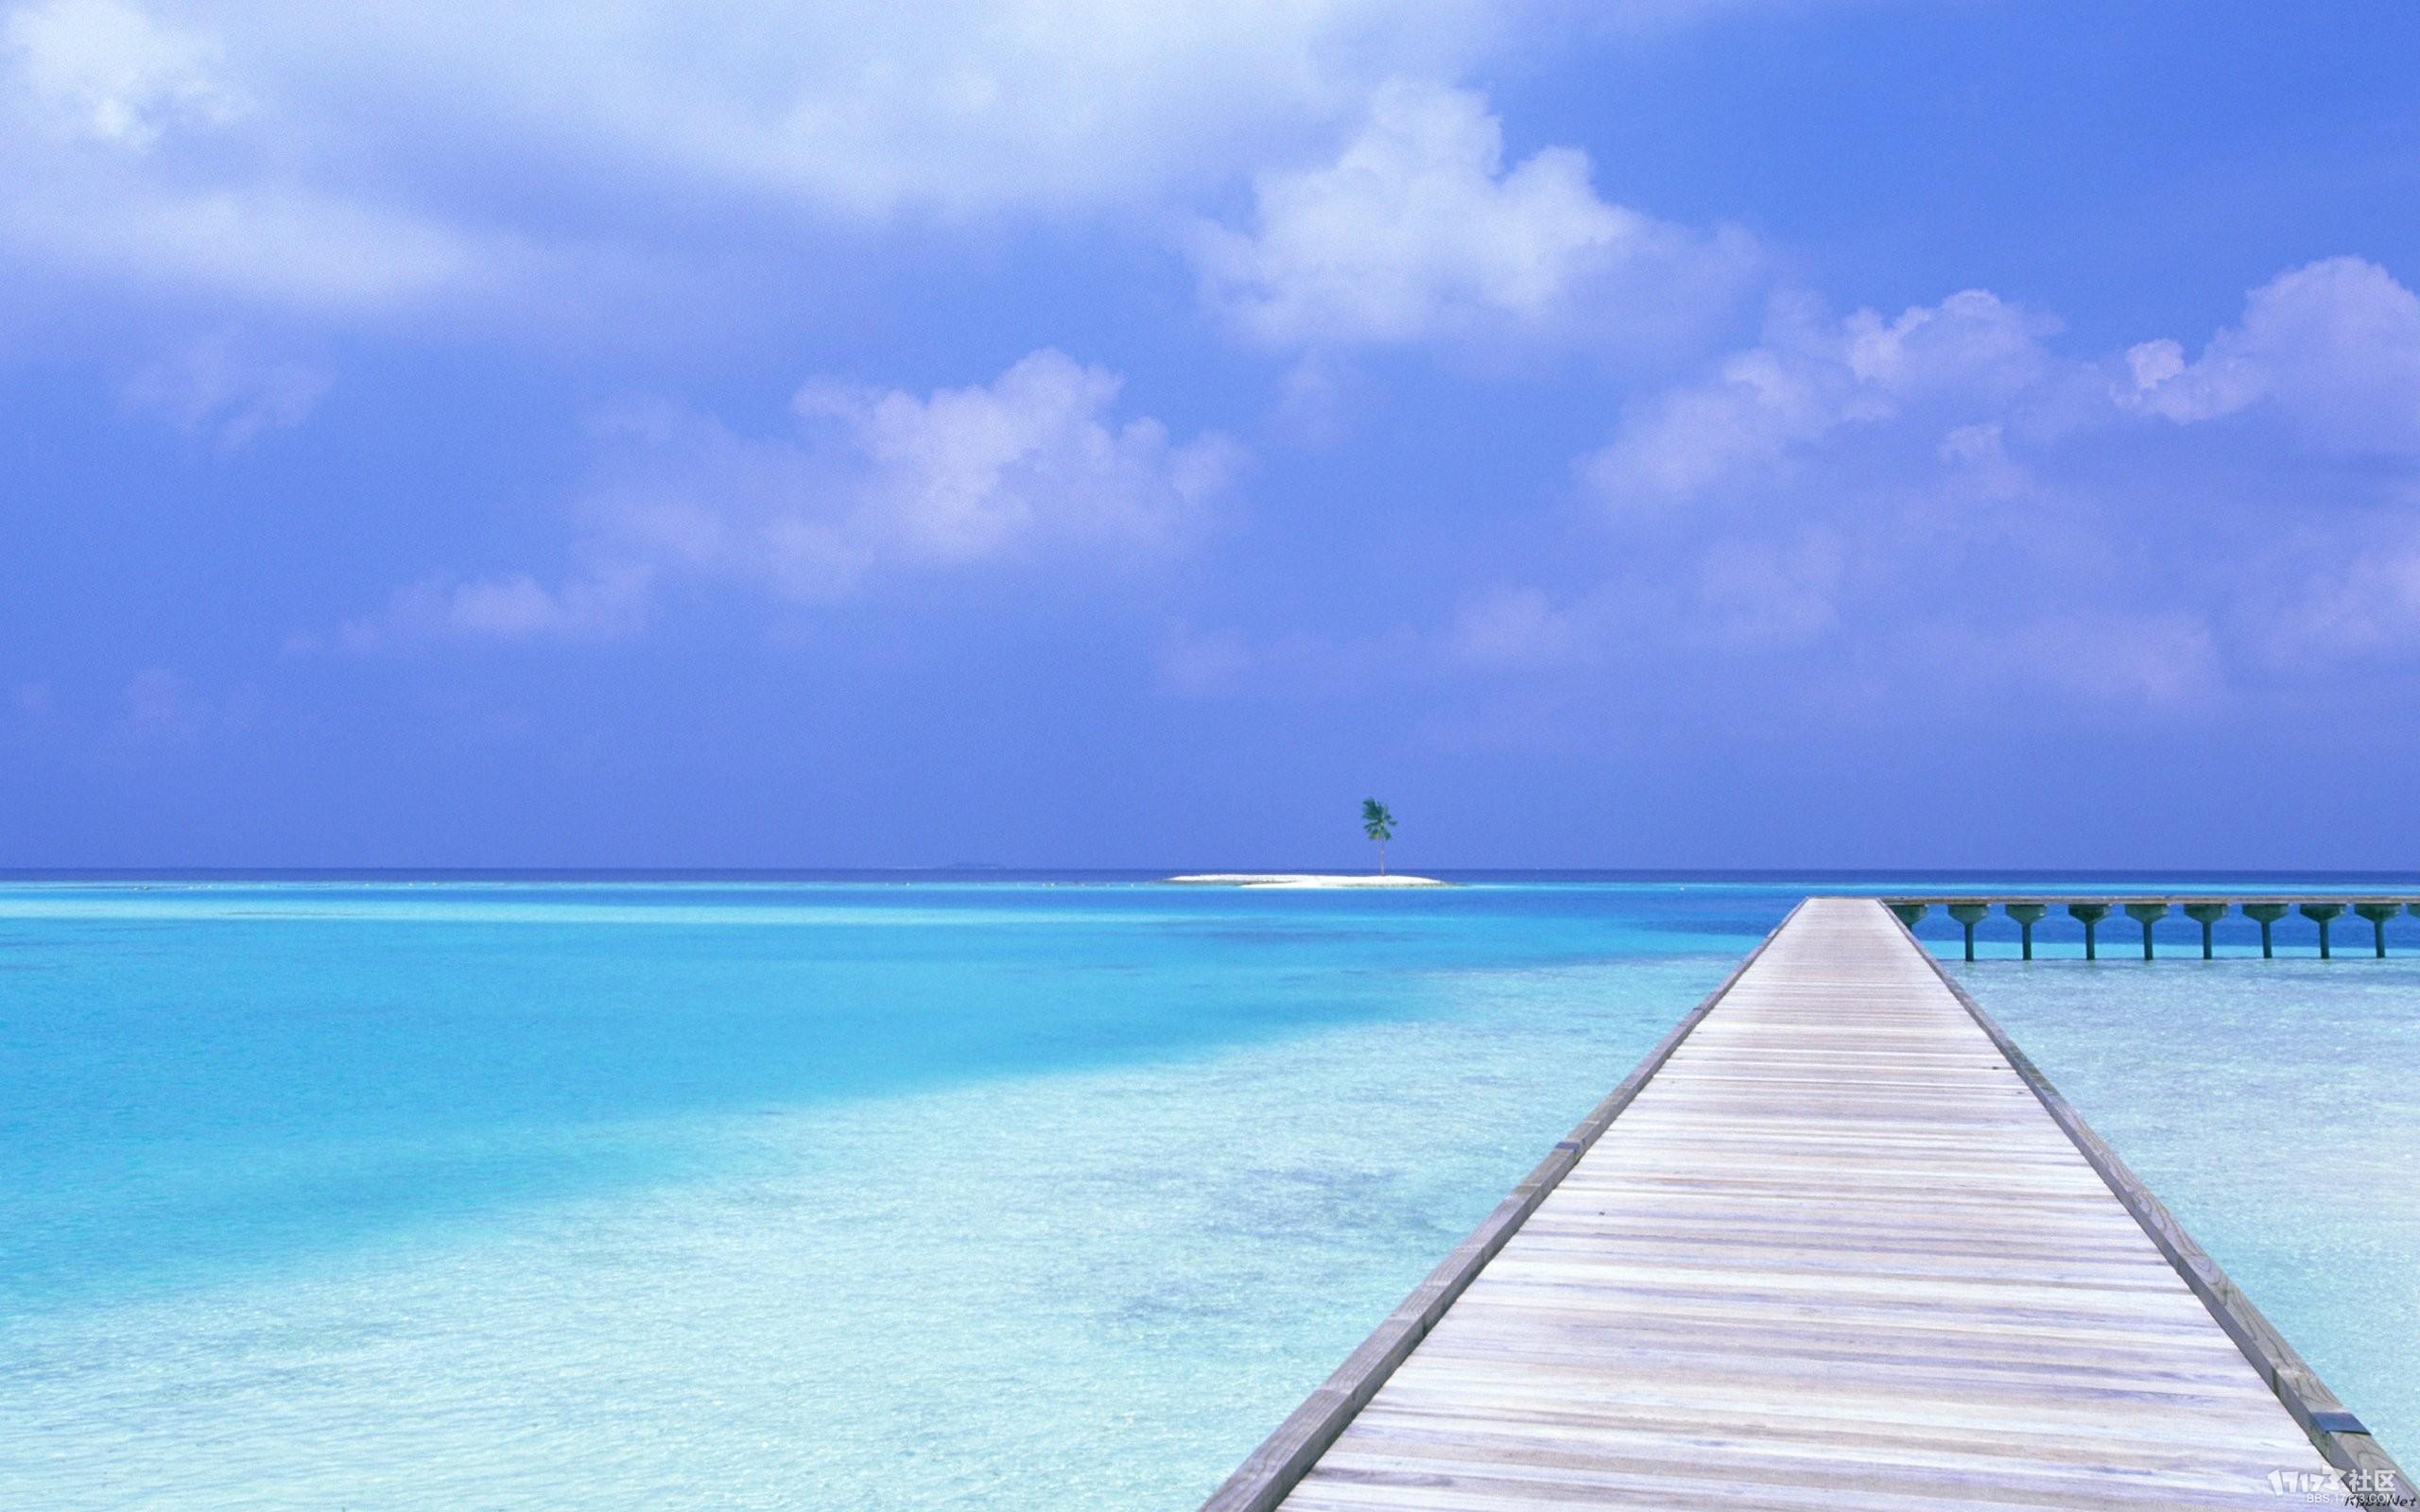 马尔代夫特色沙滩风景